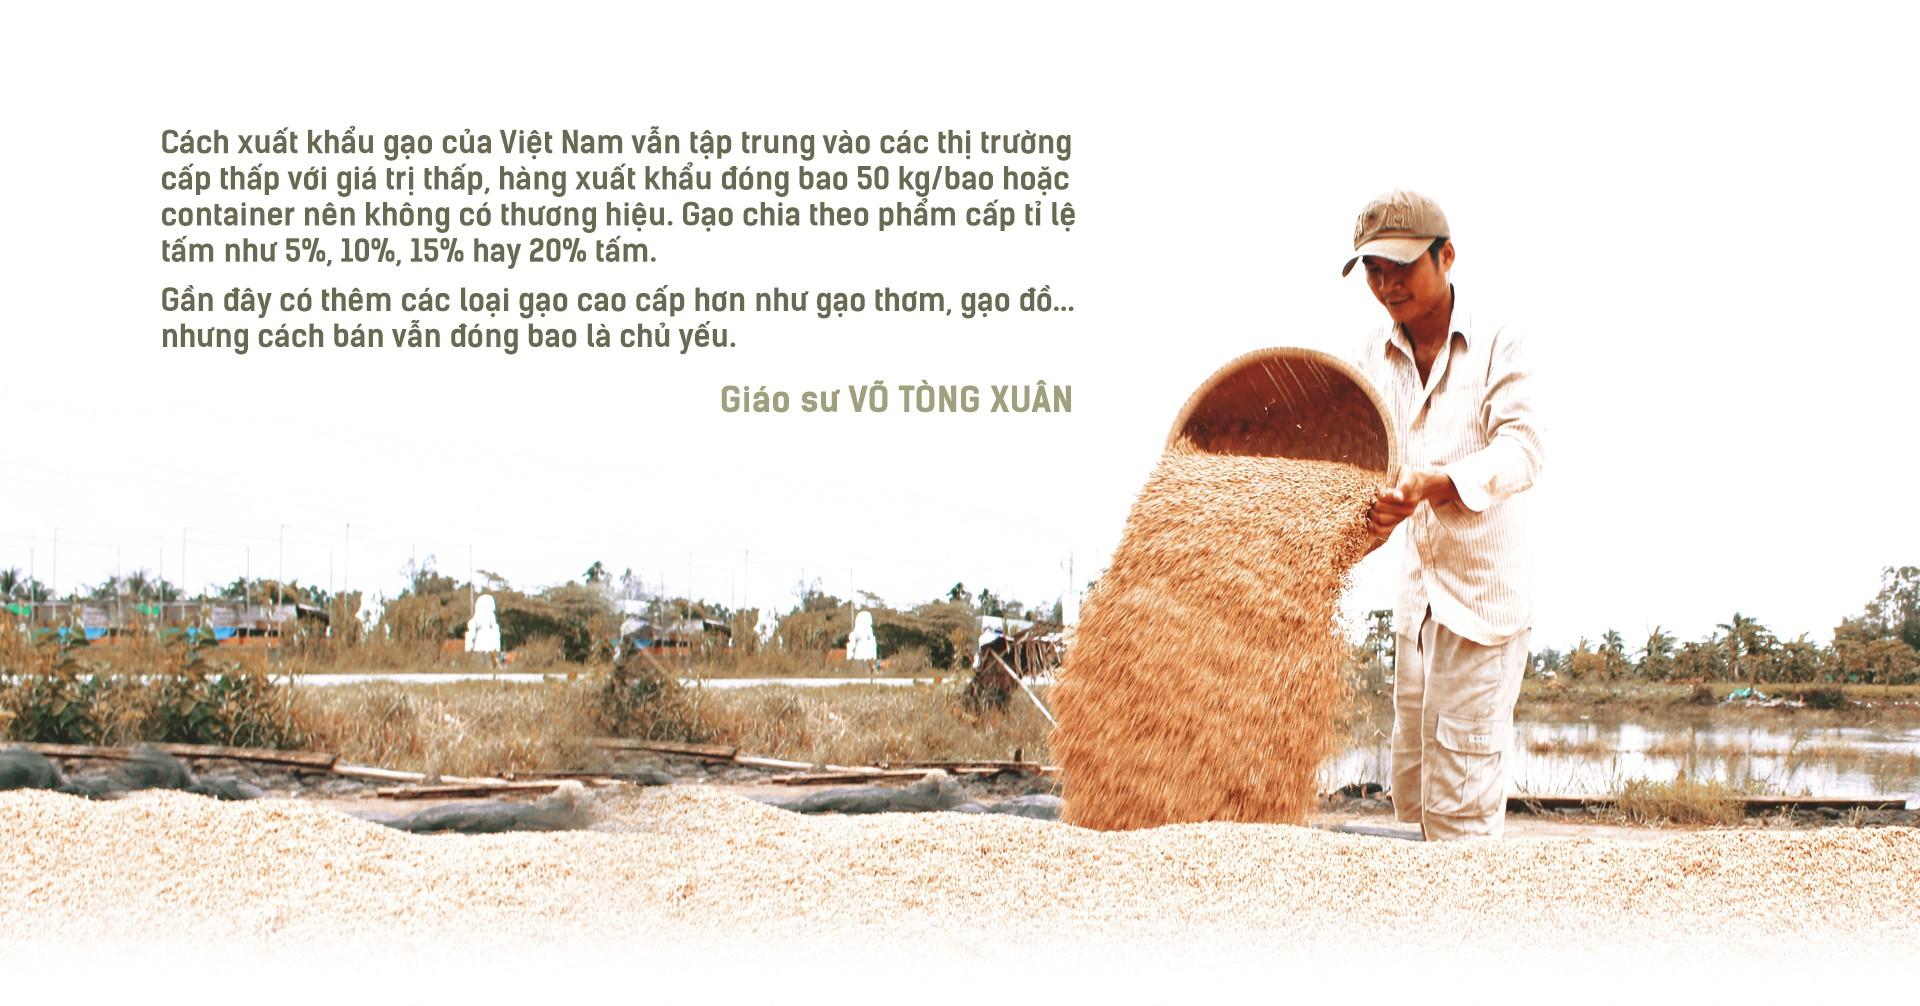 Hạt gạo Việt: 30 năm, một nỗi đau đáu về thương hiệu - Ảnh 3.